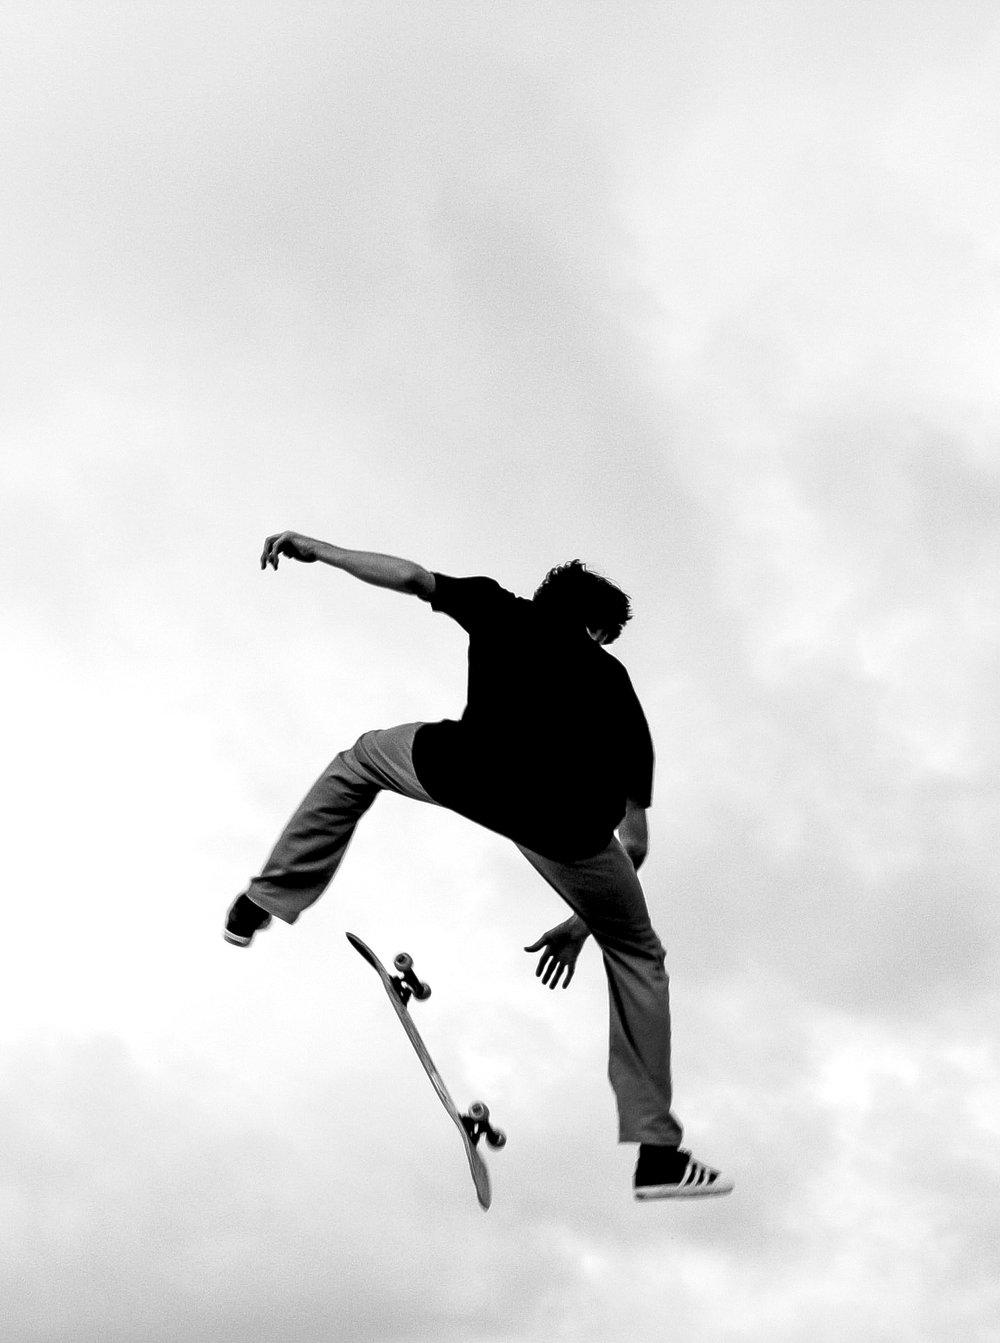 skate_fb10.jpg